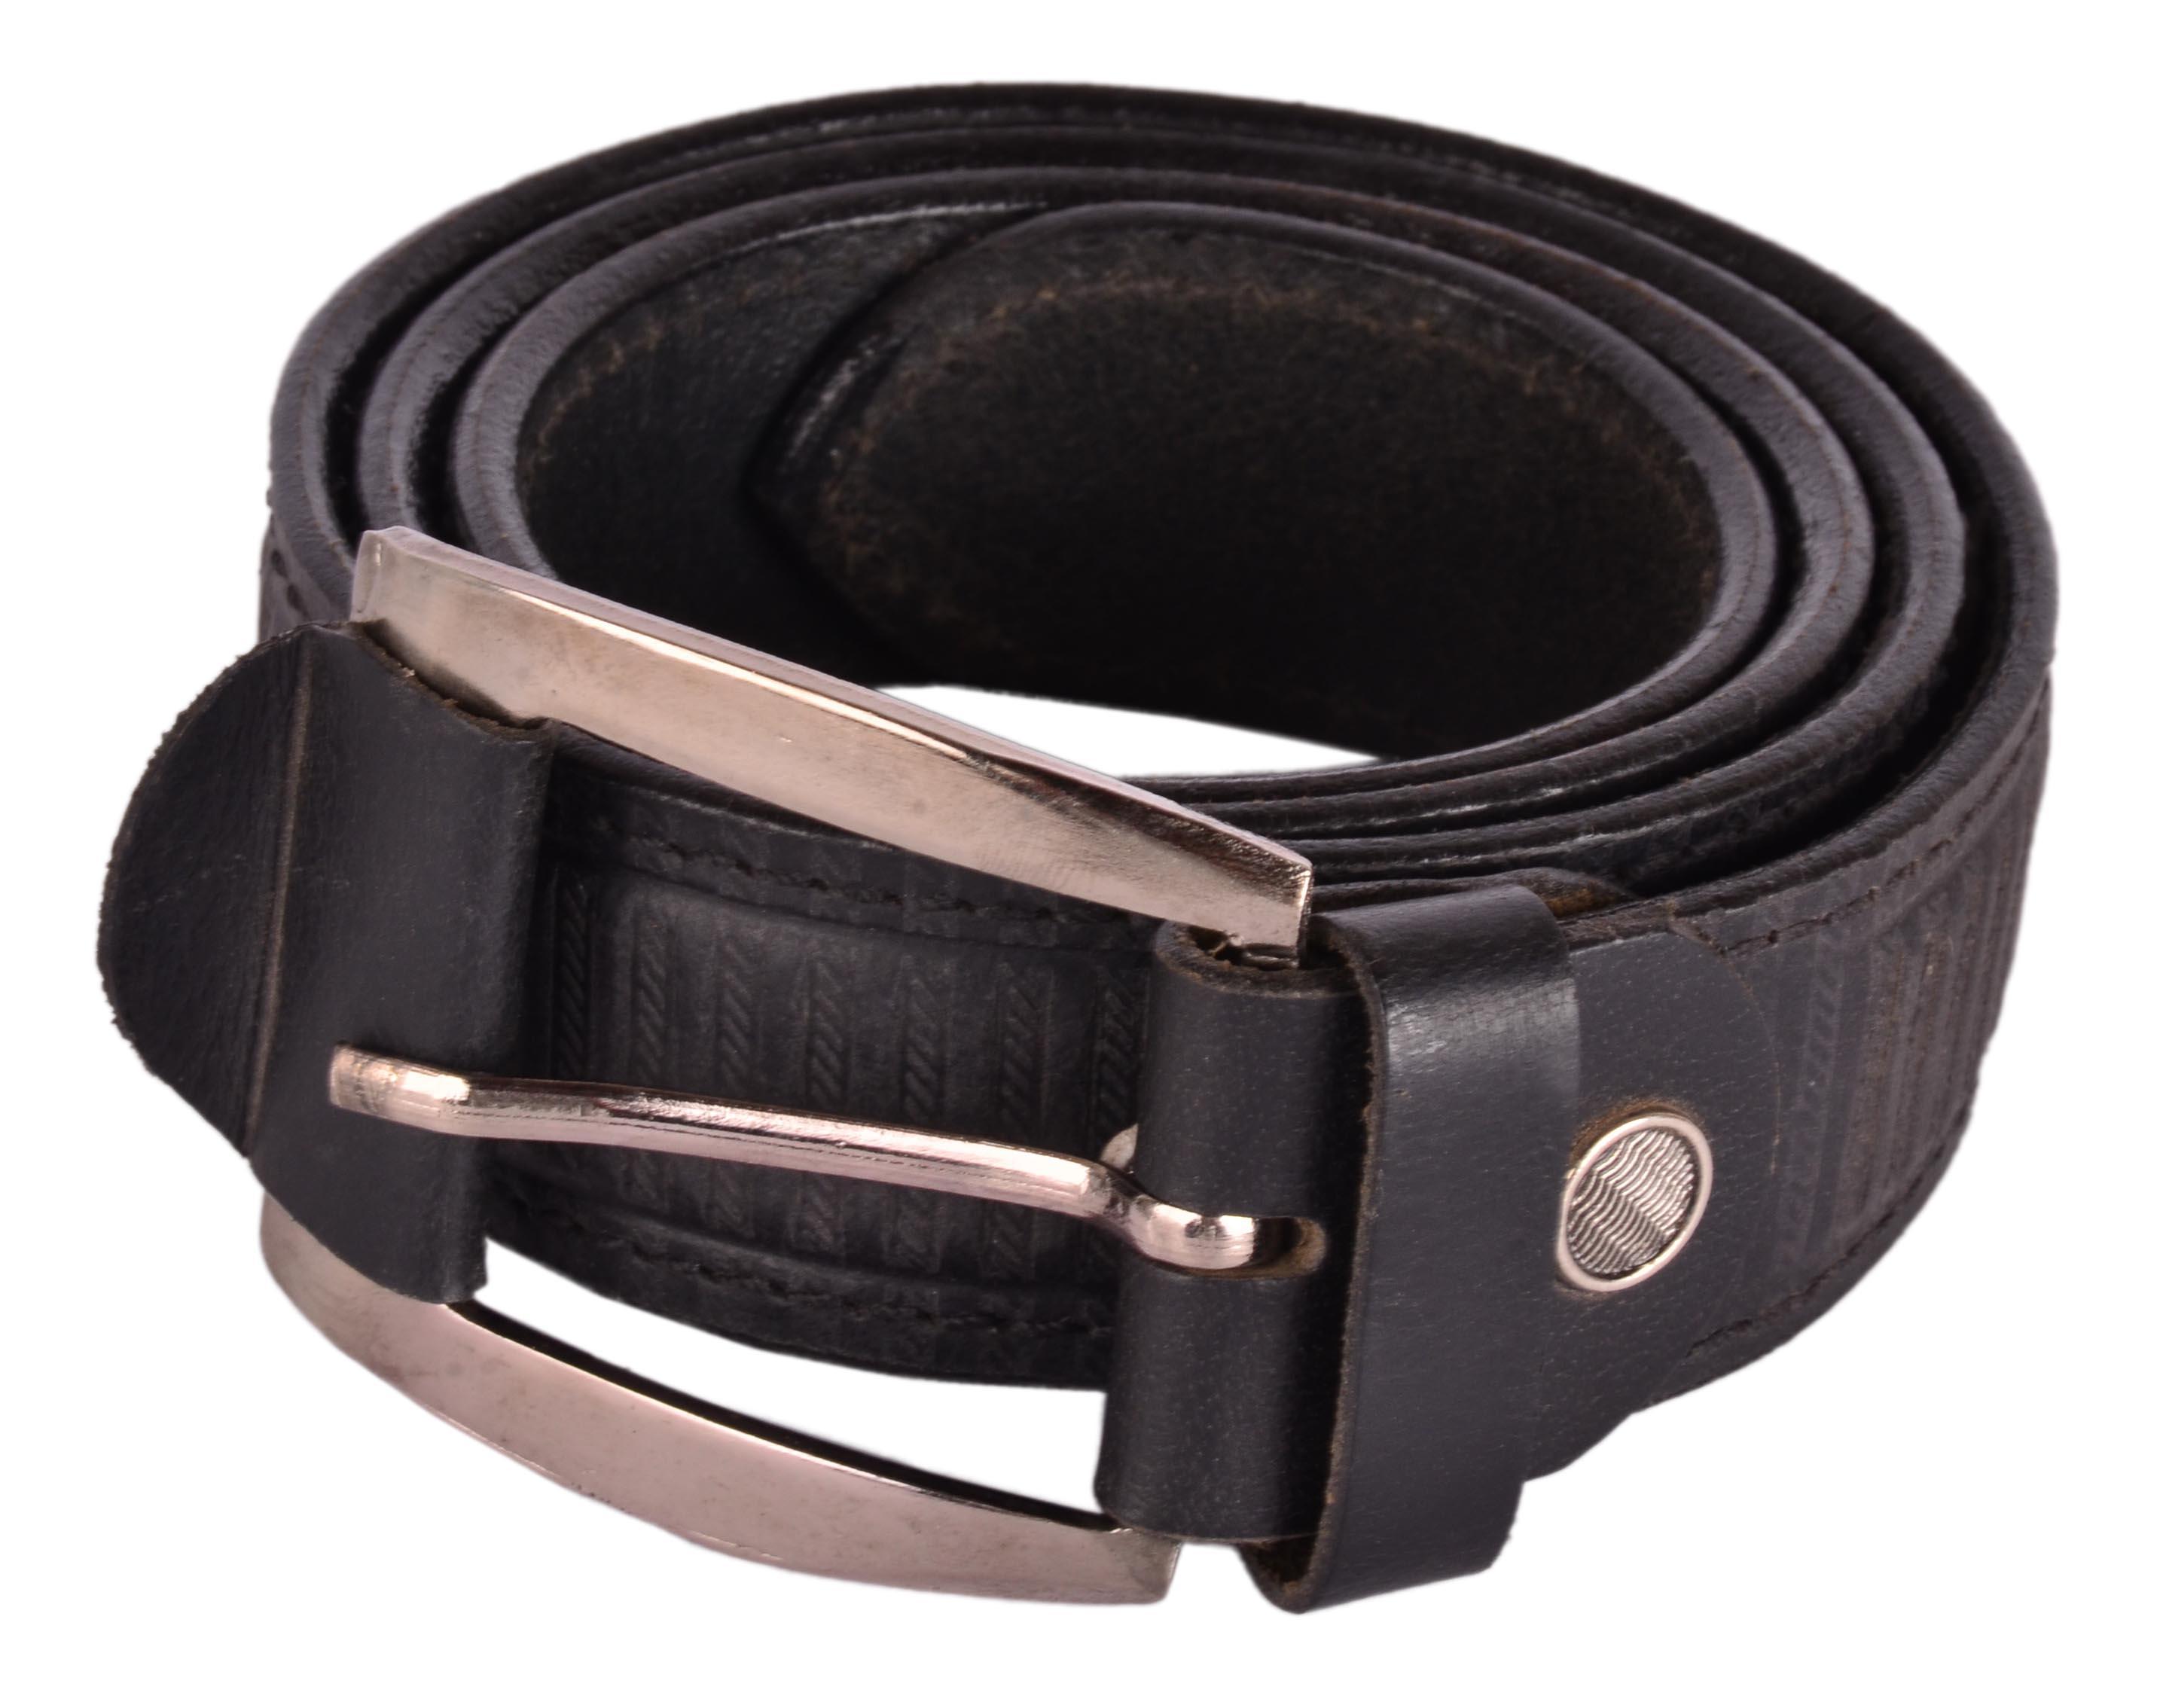 Austrich Men Stylish   Comfortable leather Belts